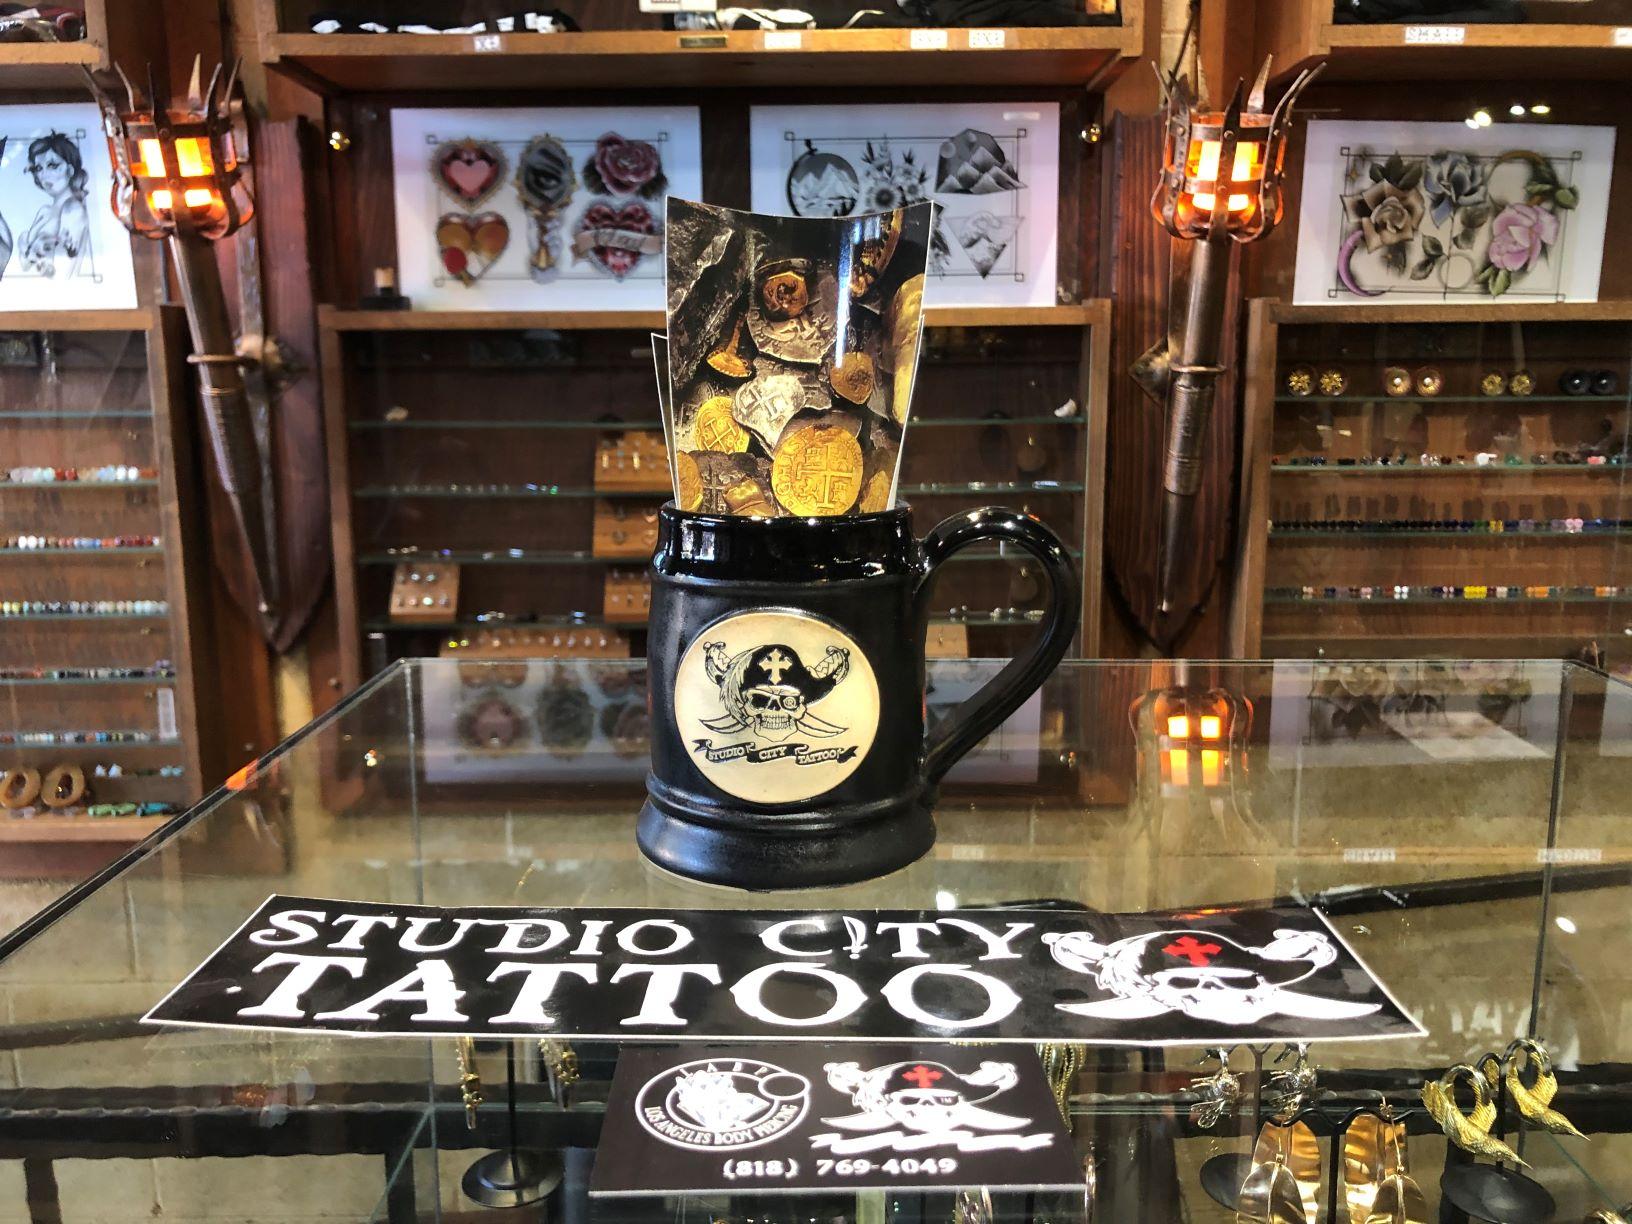 Studio City Tattoo Mug